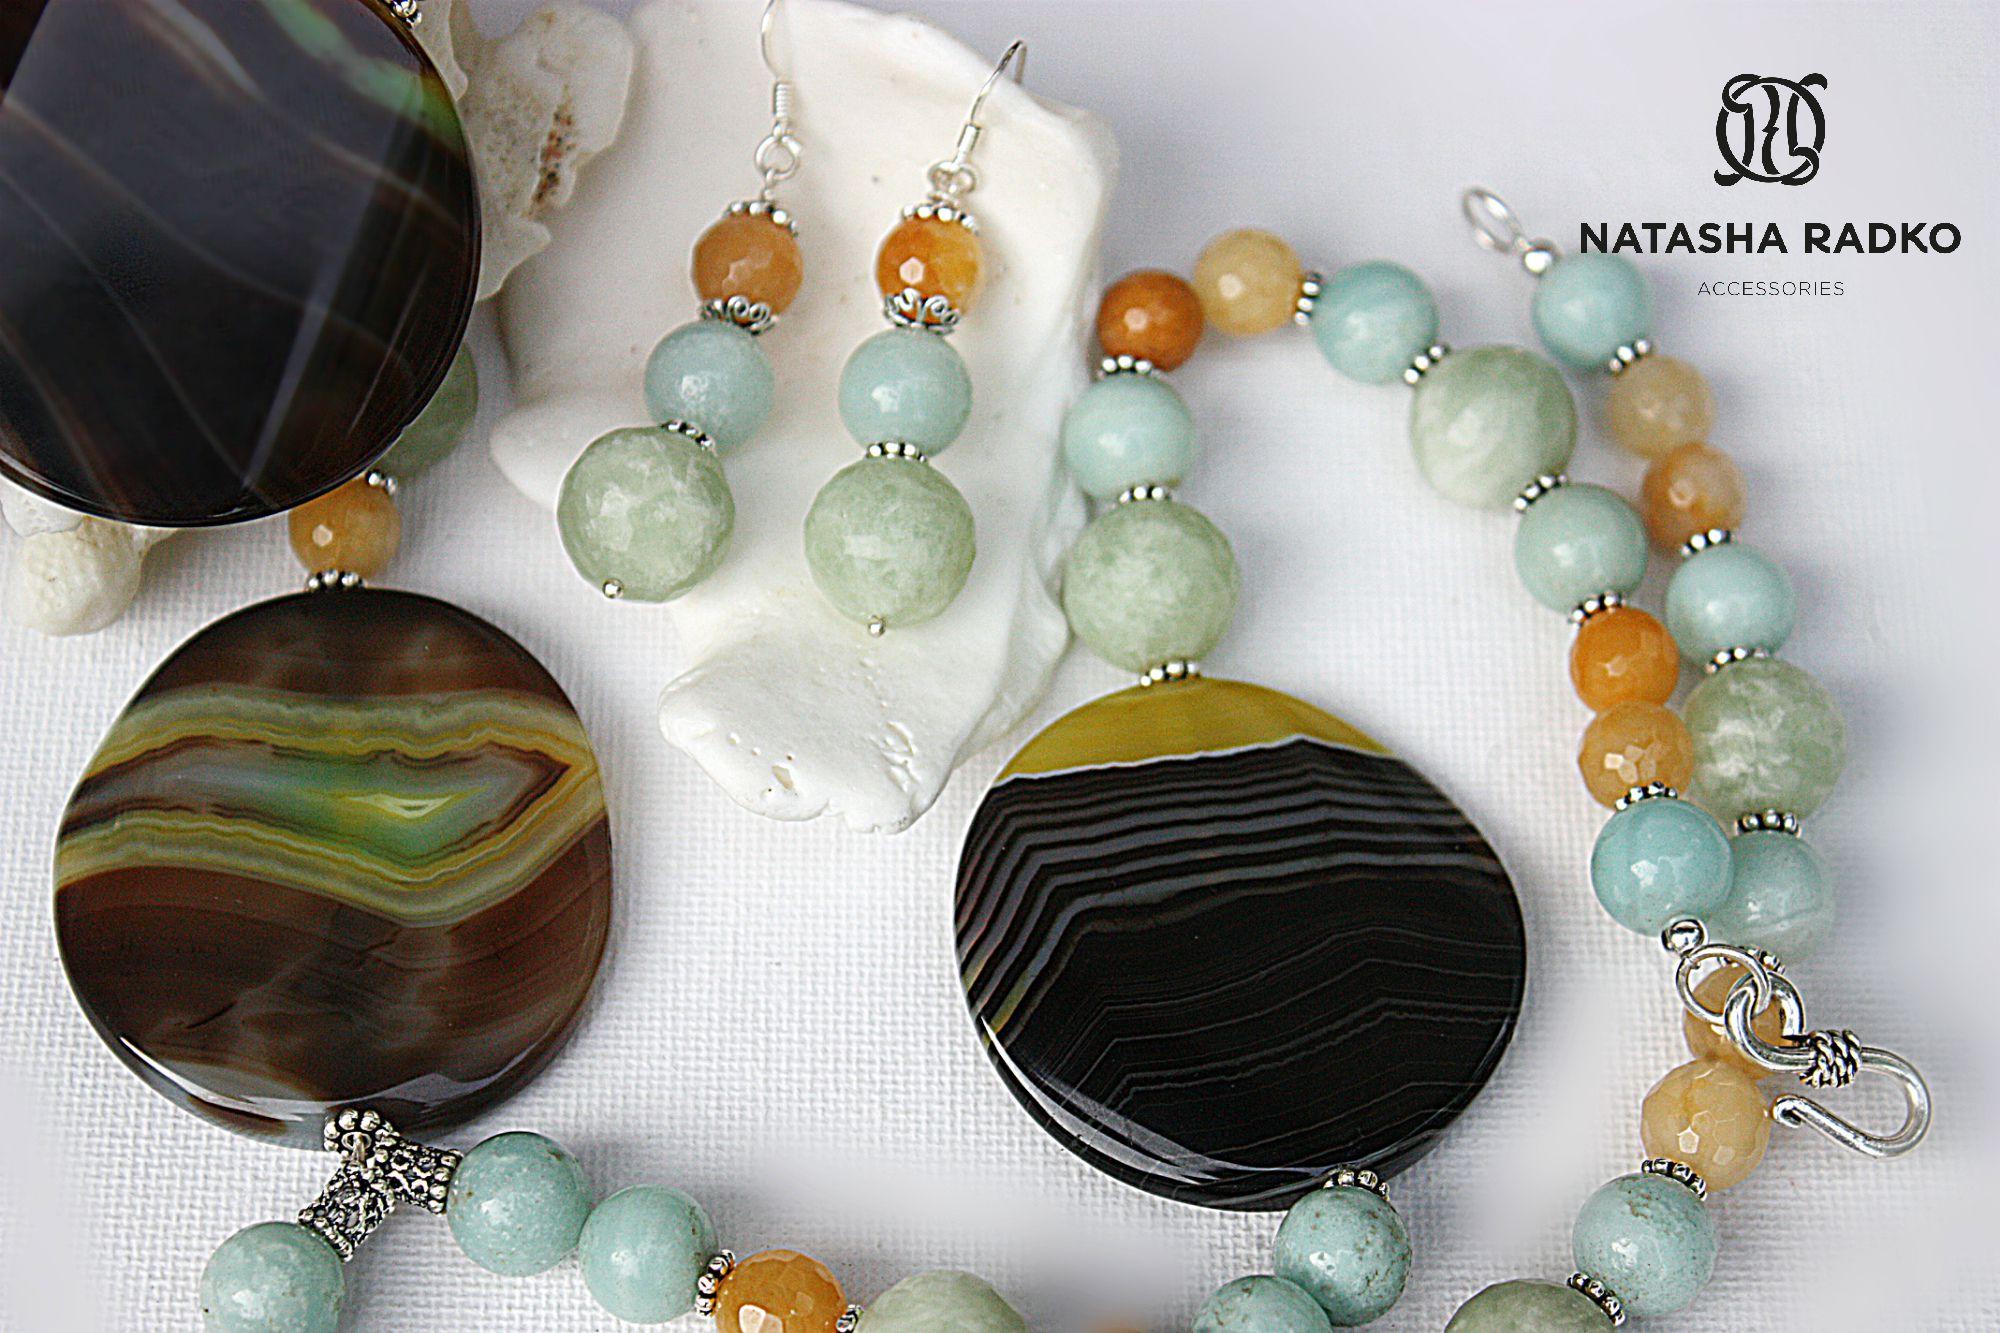 подарок агат украшение серебро набор камни амазонит натуральные